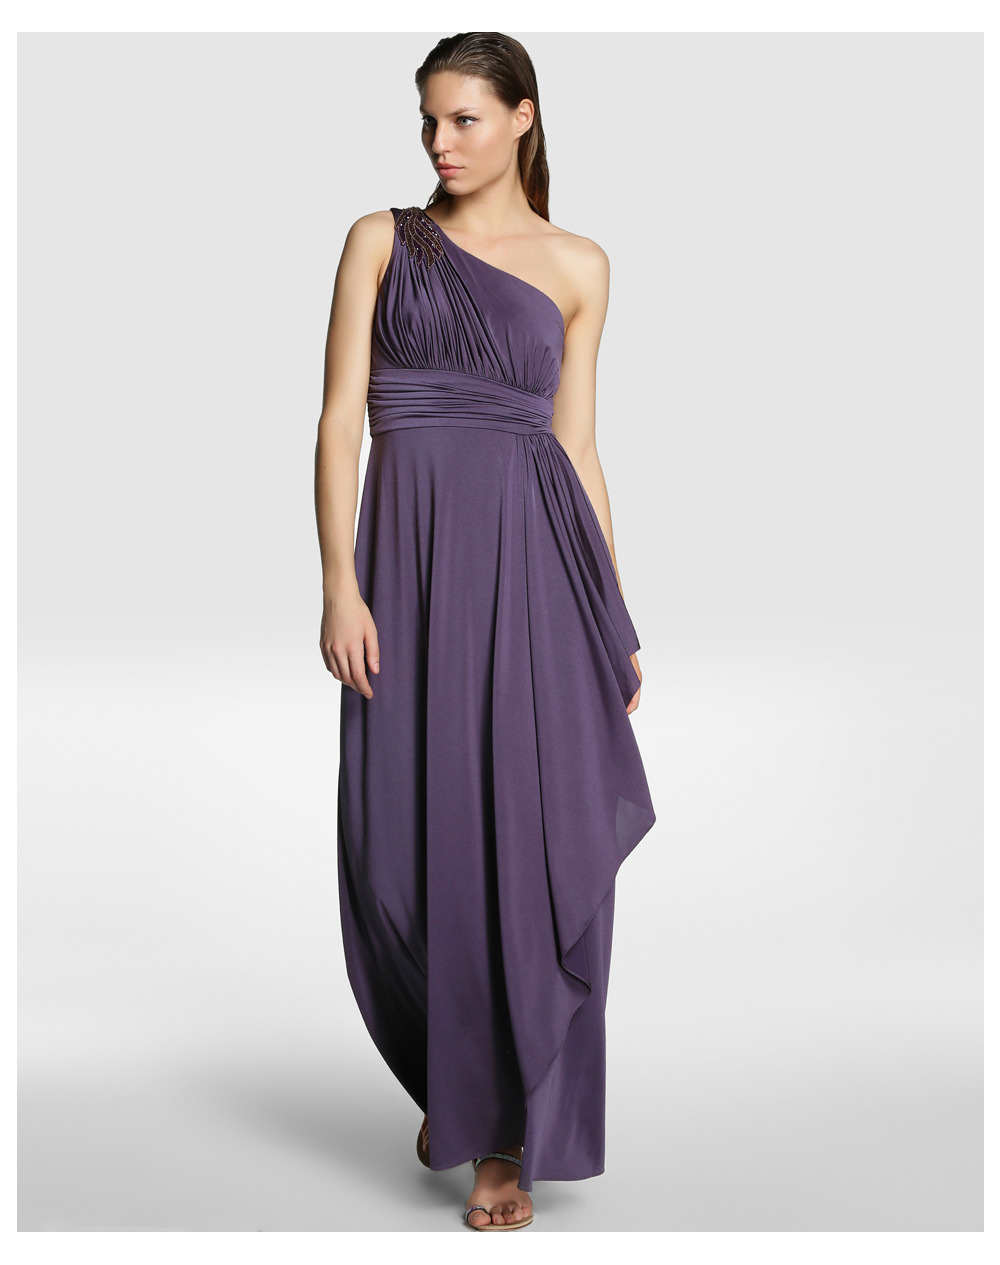 Hermosos vestidos largos para fiestas de noche 2014